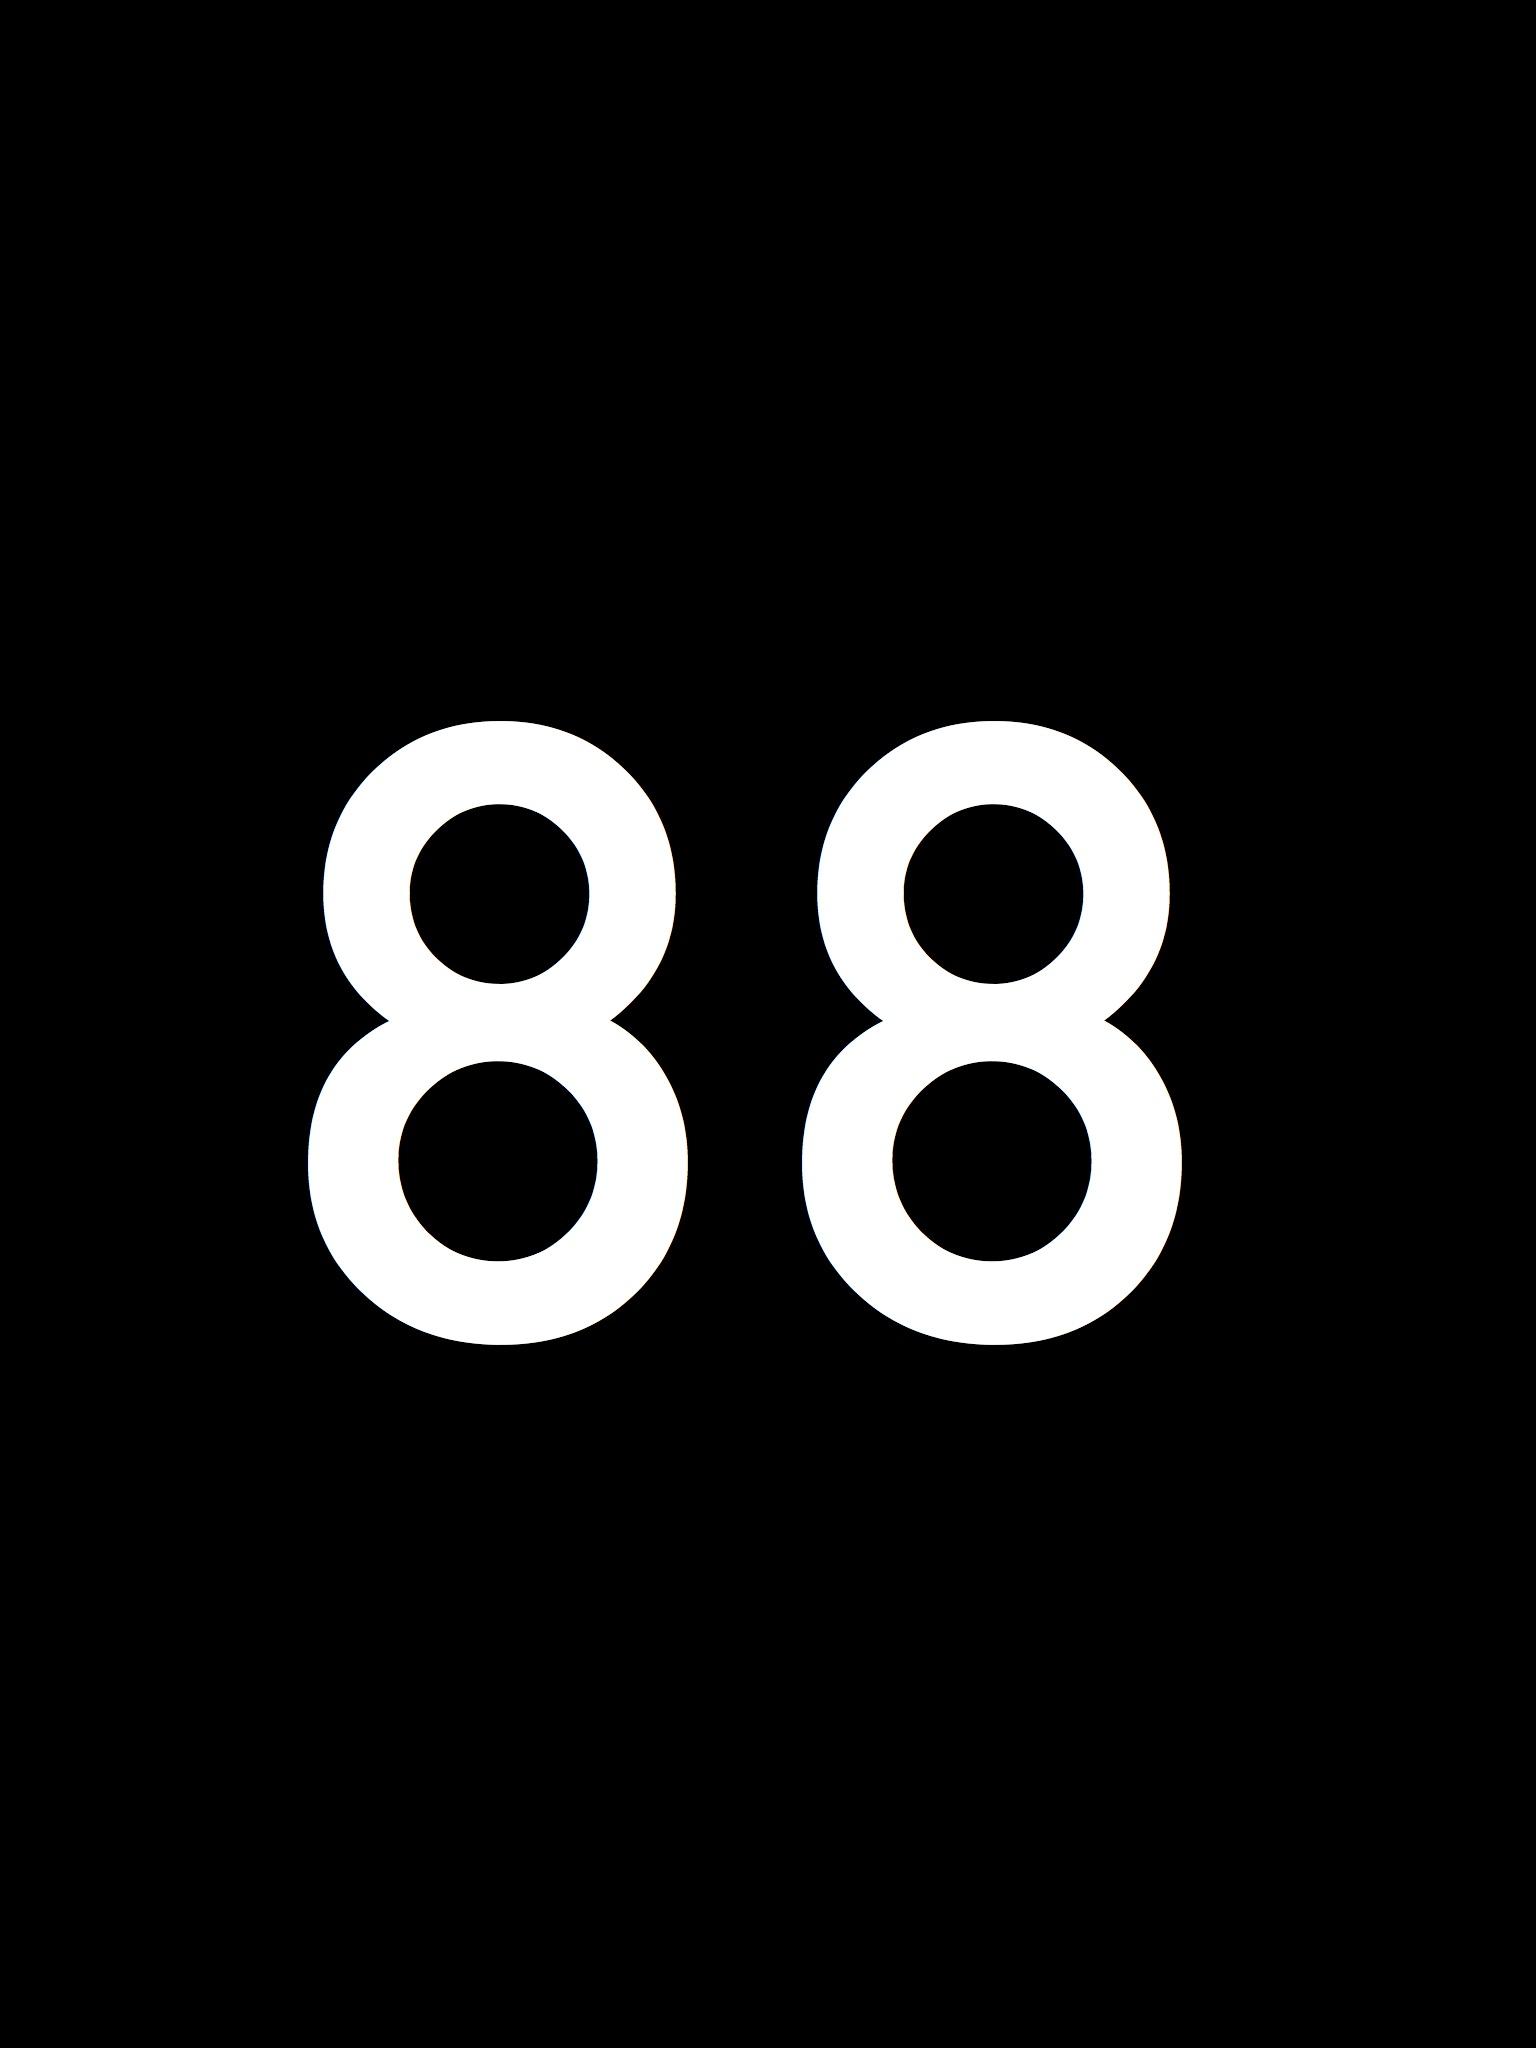 Black_Number.088.jpg